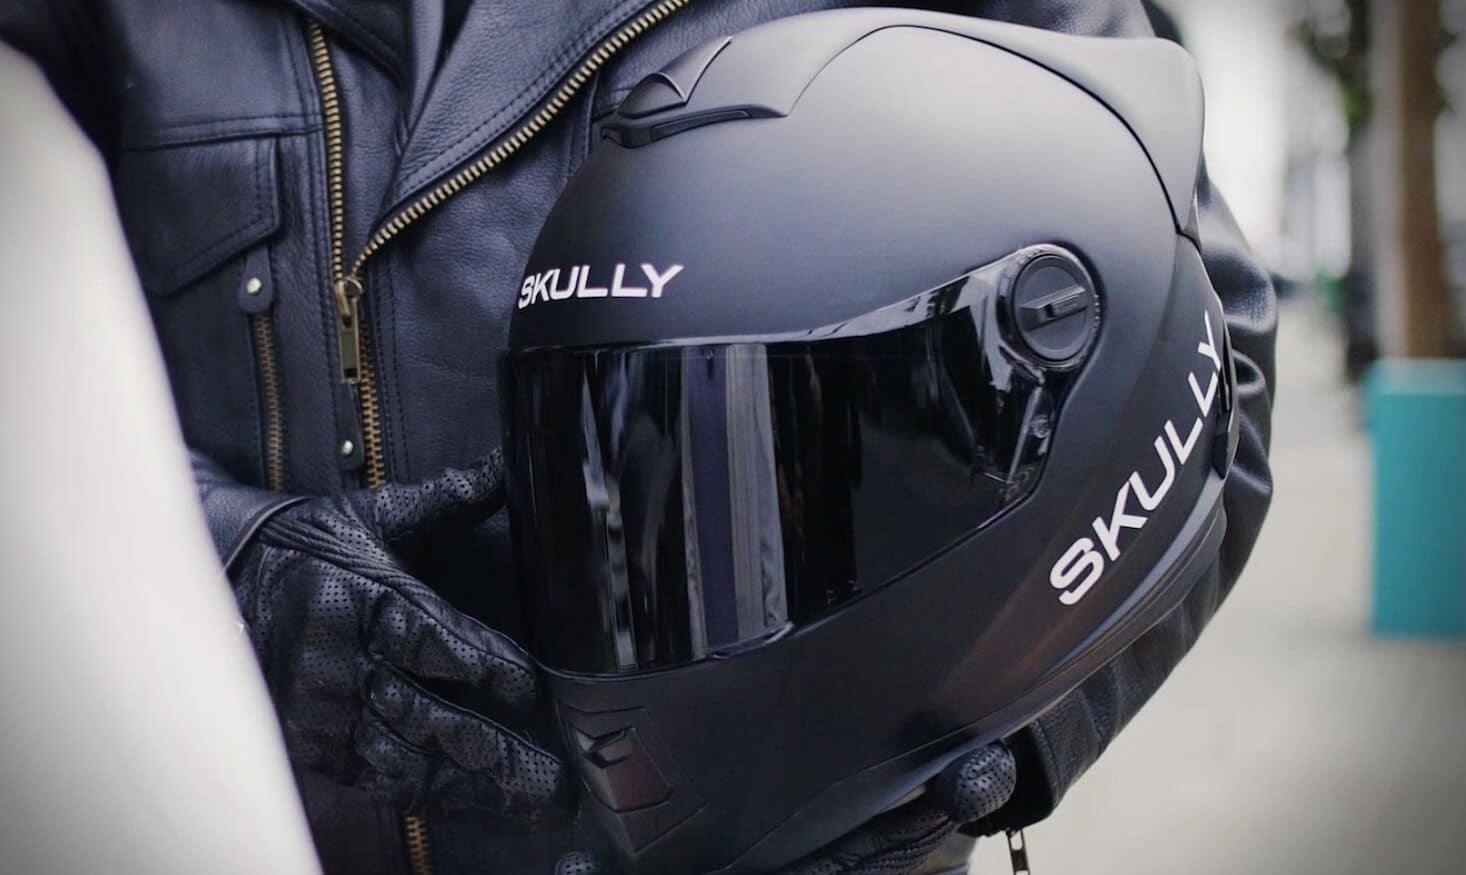 skully ar helmet